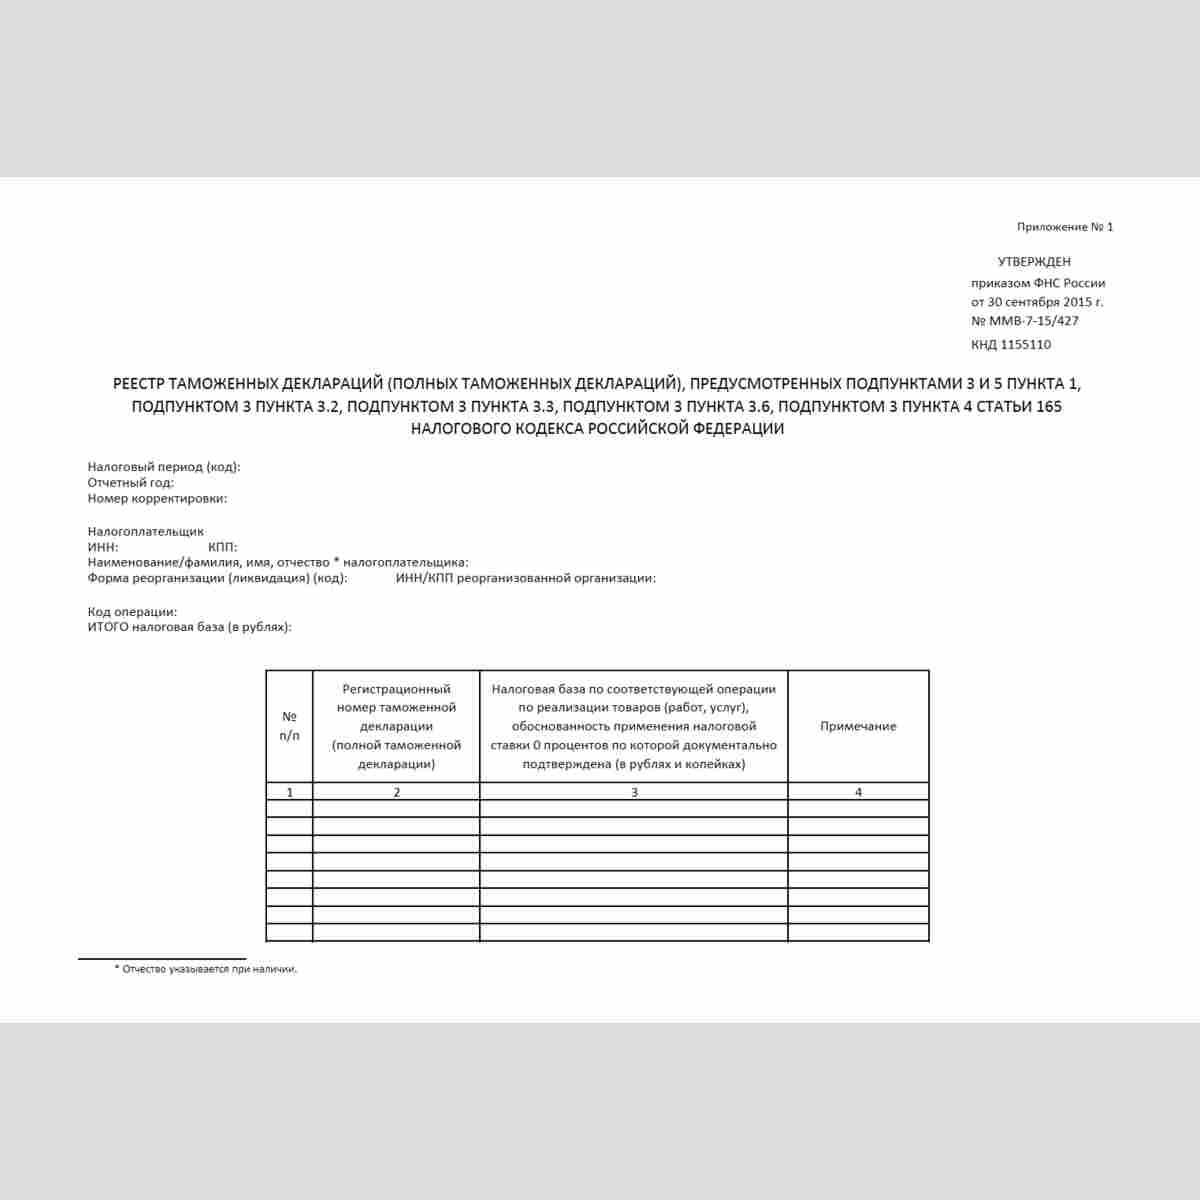 """Форма КНД 1155110 """"Реестр таможенных деклараций (полных таможенных деклараций), предусмотренных подпунктами 3 и 5 пункта 1, подпунктом 3 пункта 3.2, подпунктом 3 пункта 3.3, подпунктом 3 пункта 3.6, подпунктом 3 пункта 4 статьи 165 Налогового кодекса Росс"""